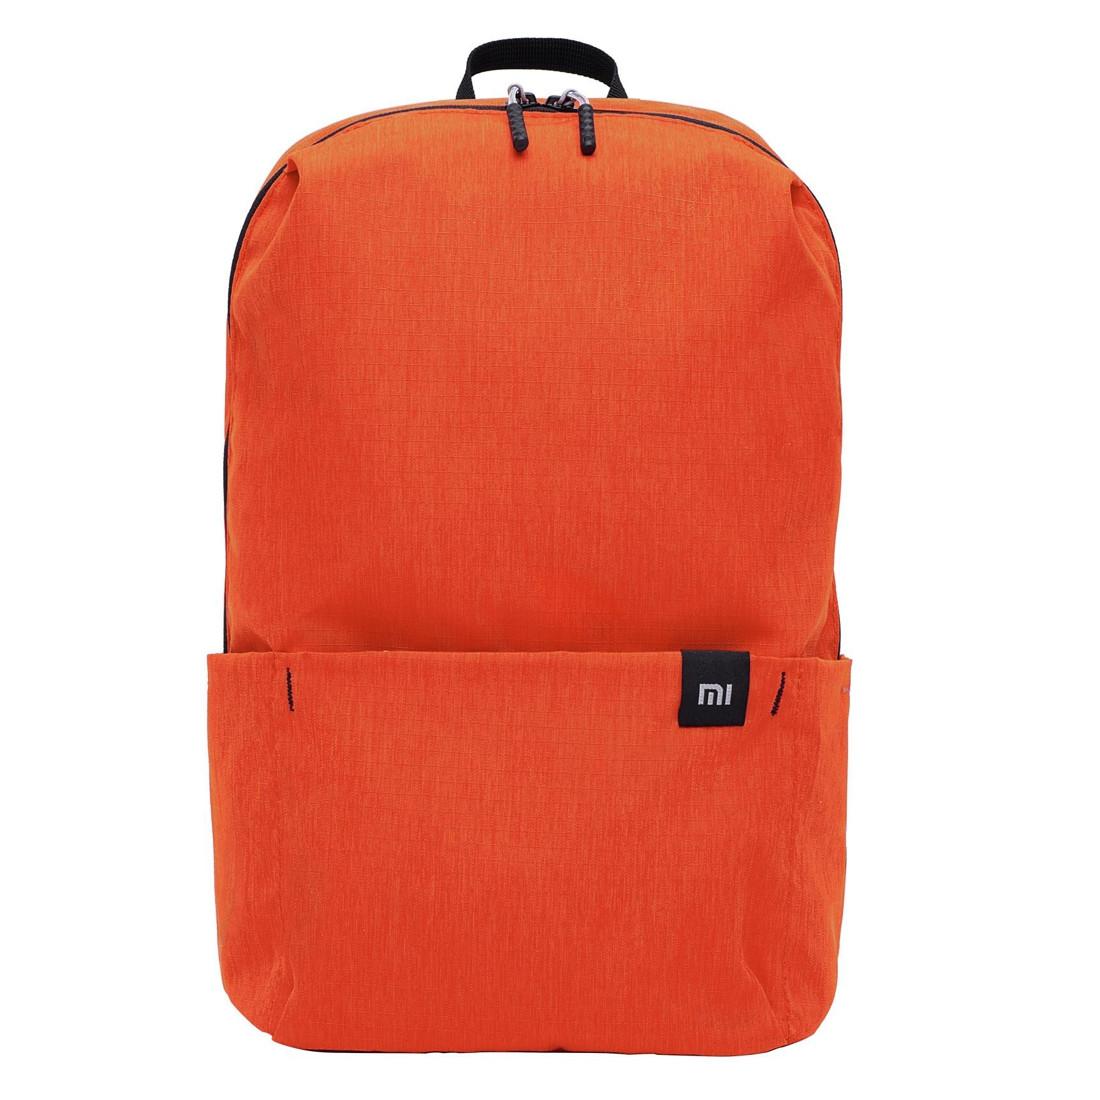 Рюкзак Xiaomi RunMi 90 Points Eight Colors, Оранжевый